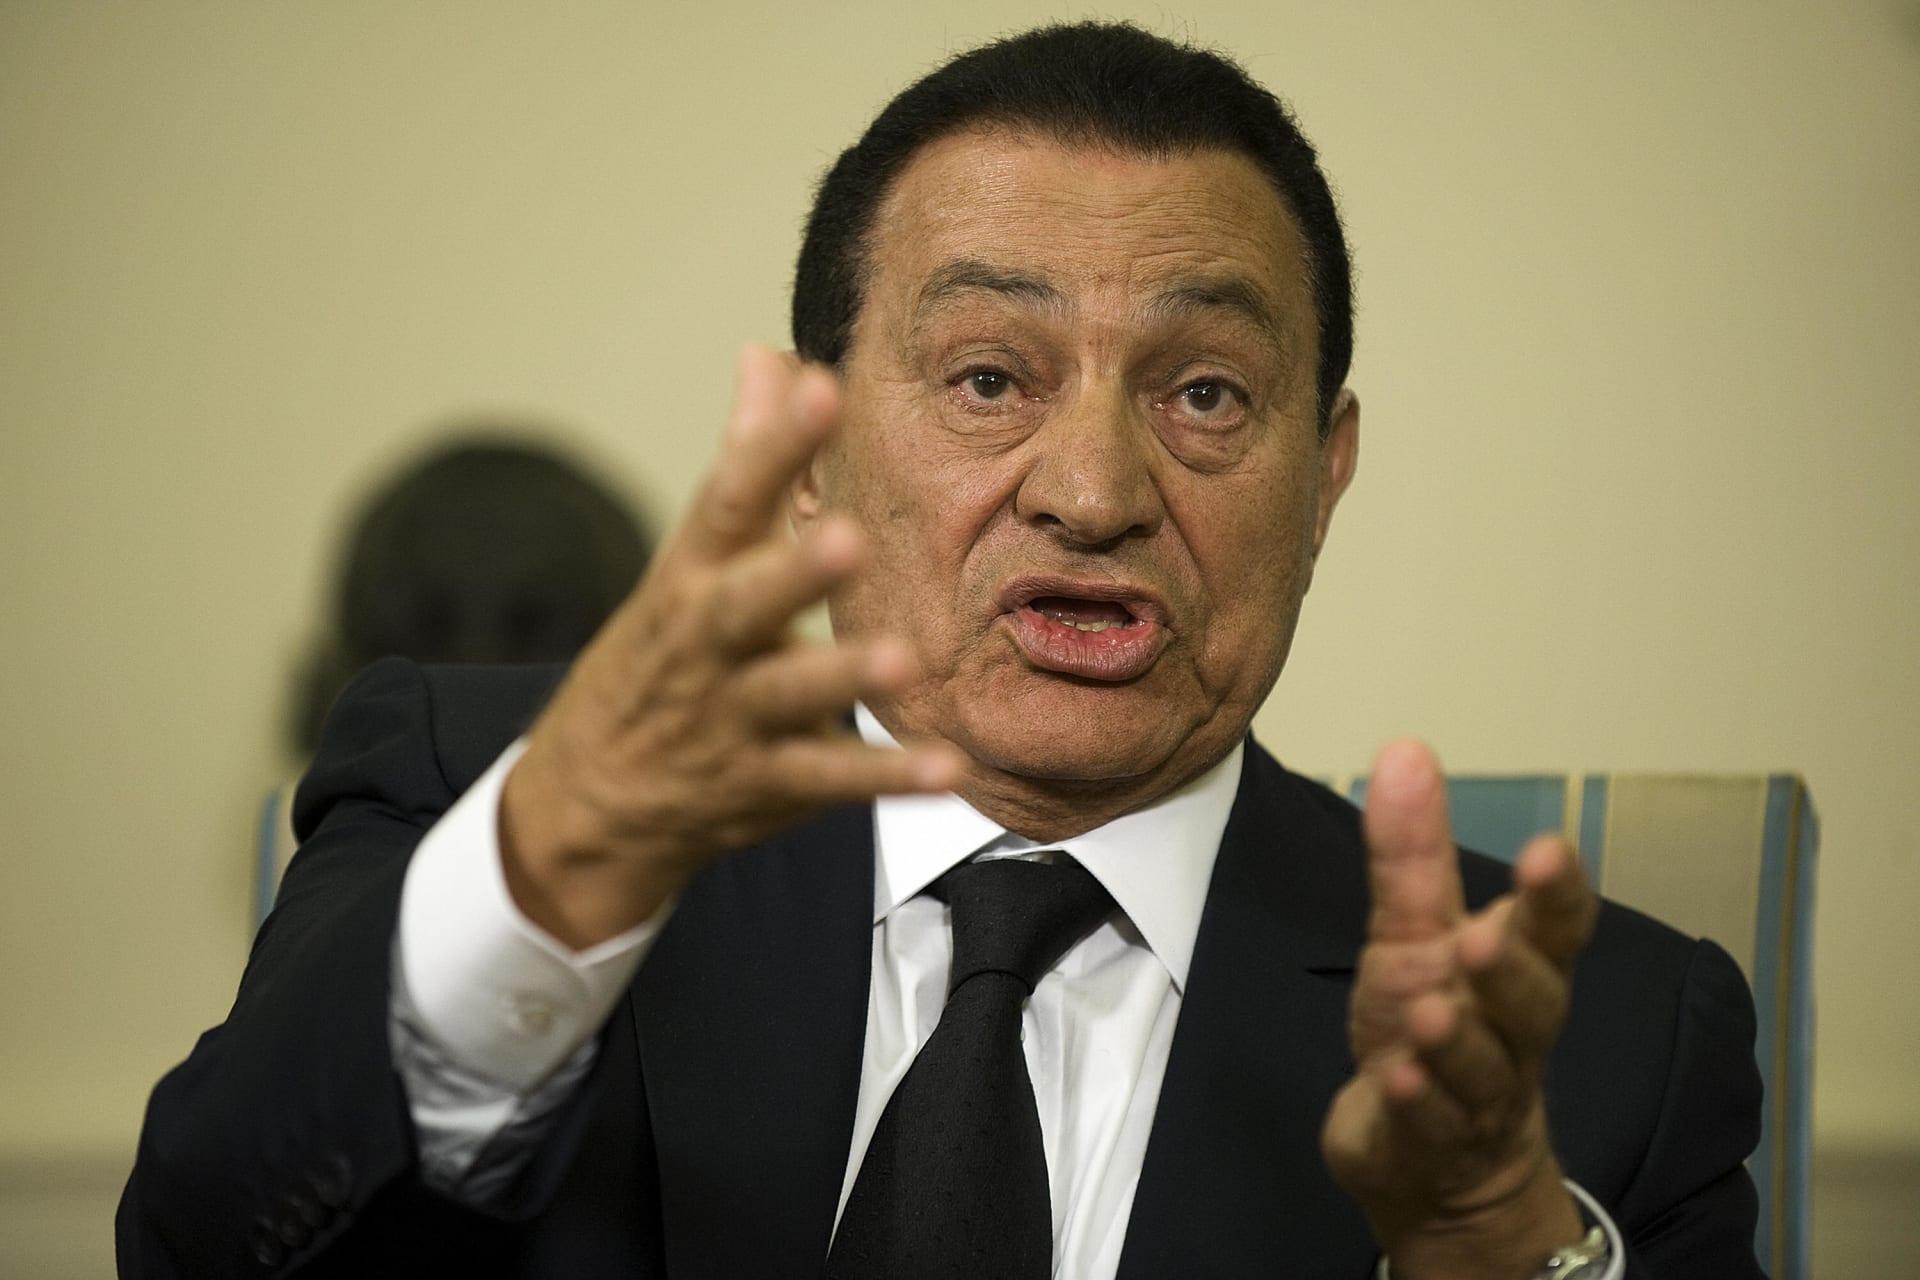 صحف: ظهور مبارك مجددا والقاعدة في لبنان بعد سوريا